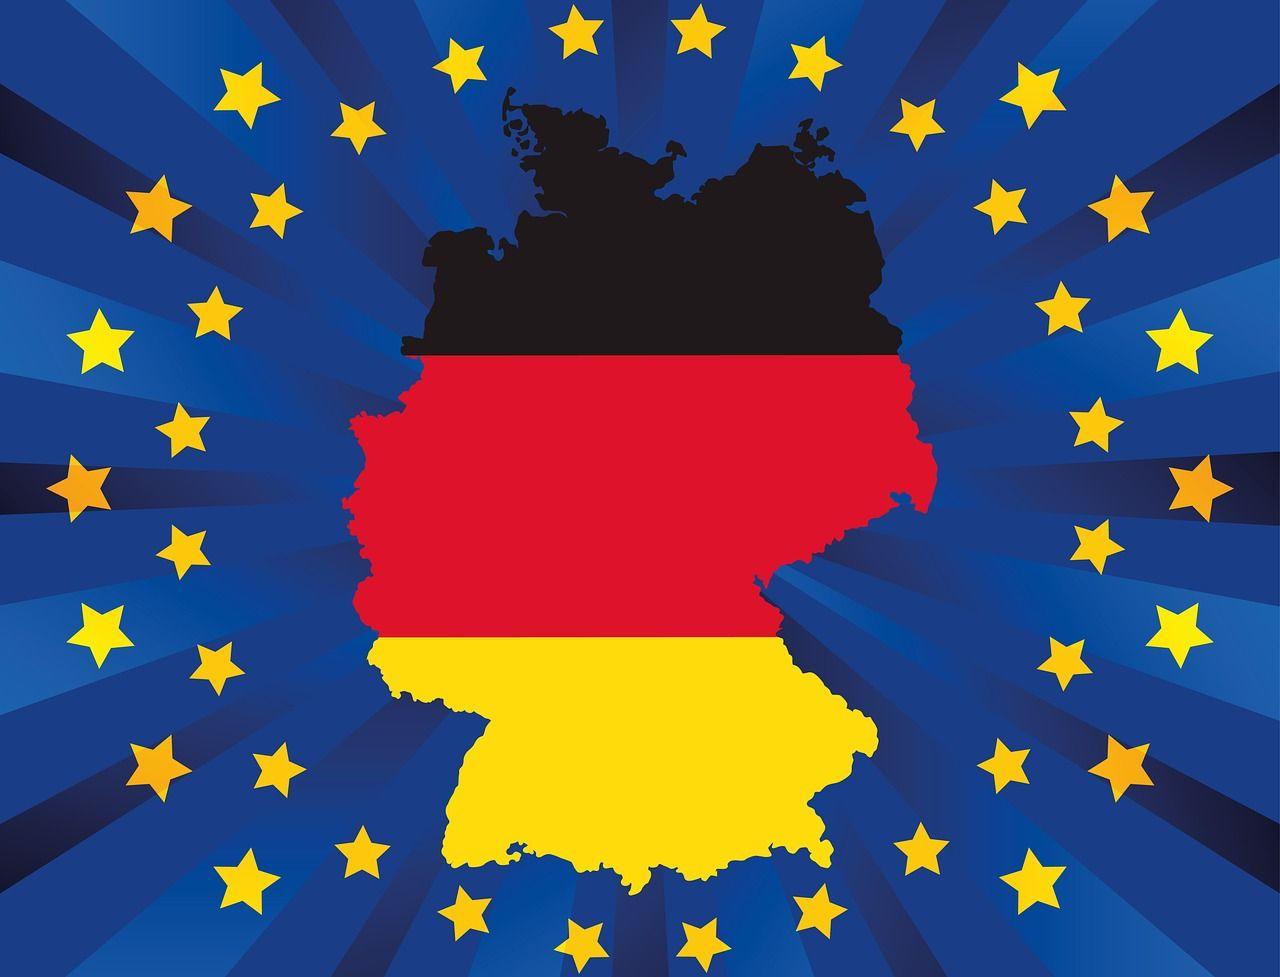 De vleugels van de adelaar: Duitse kwesties in Europees perspectief